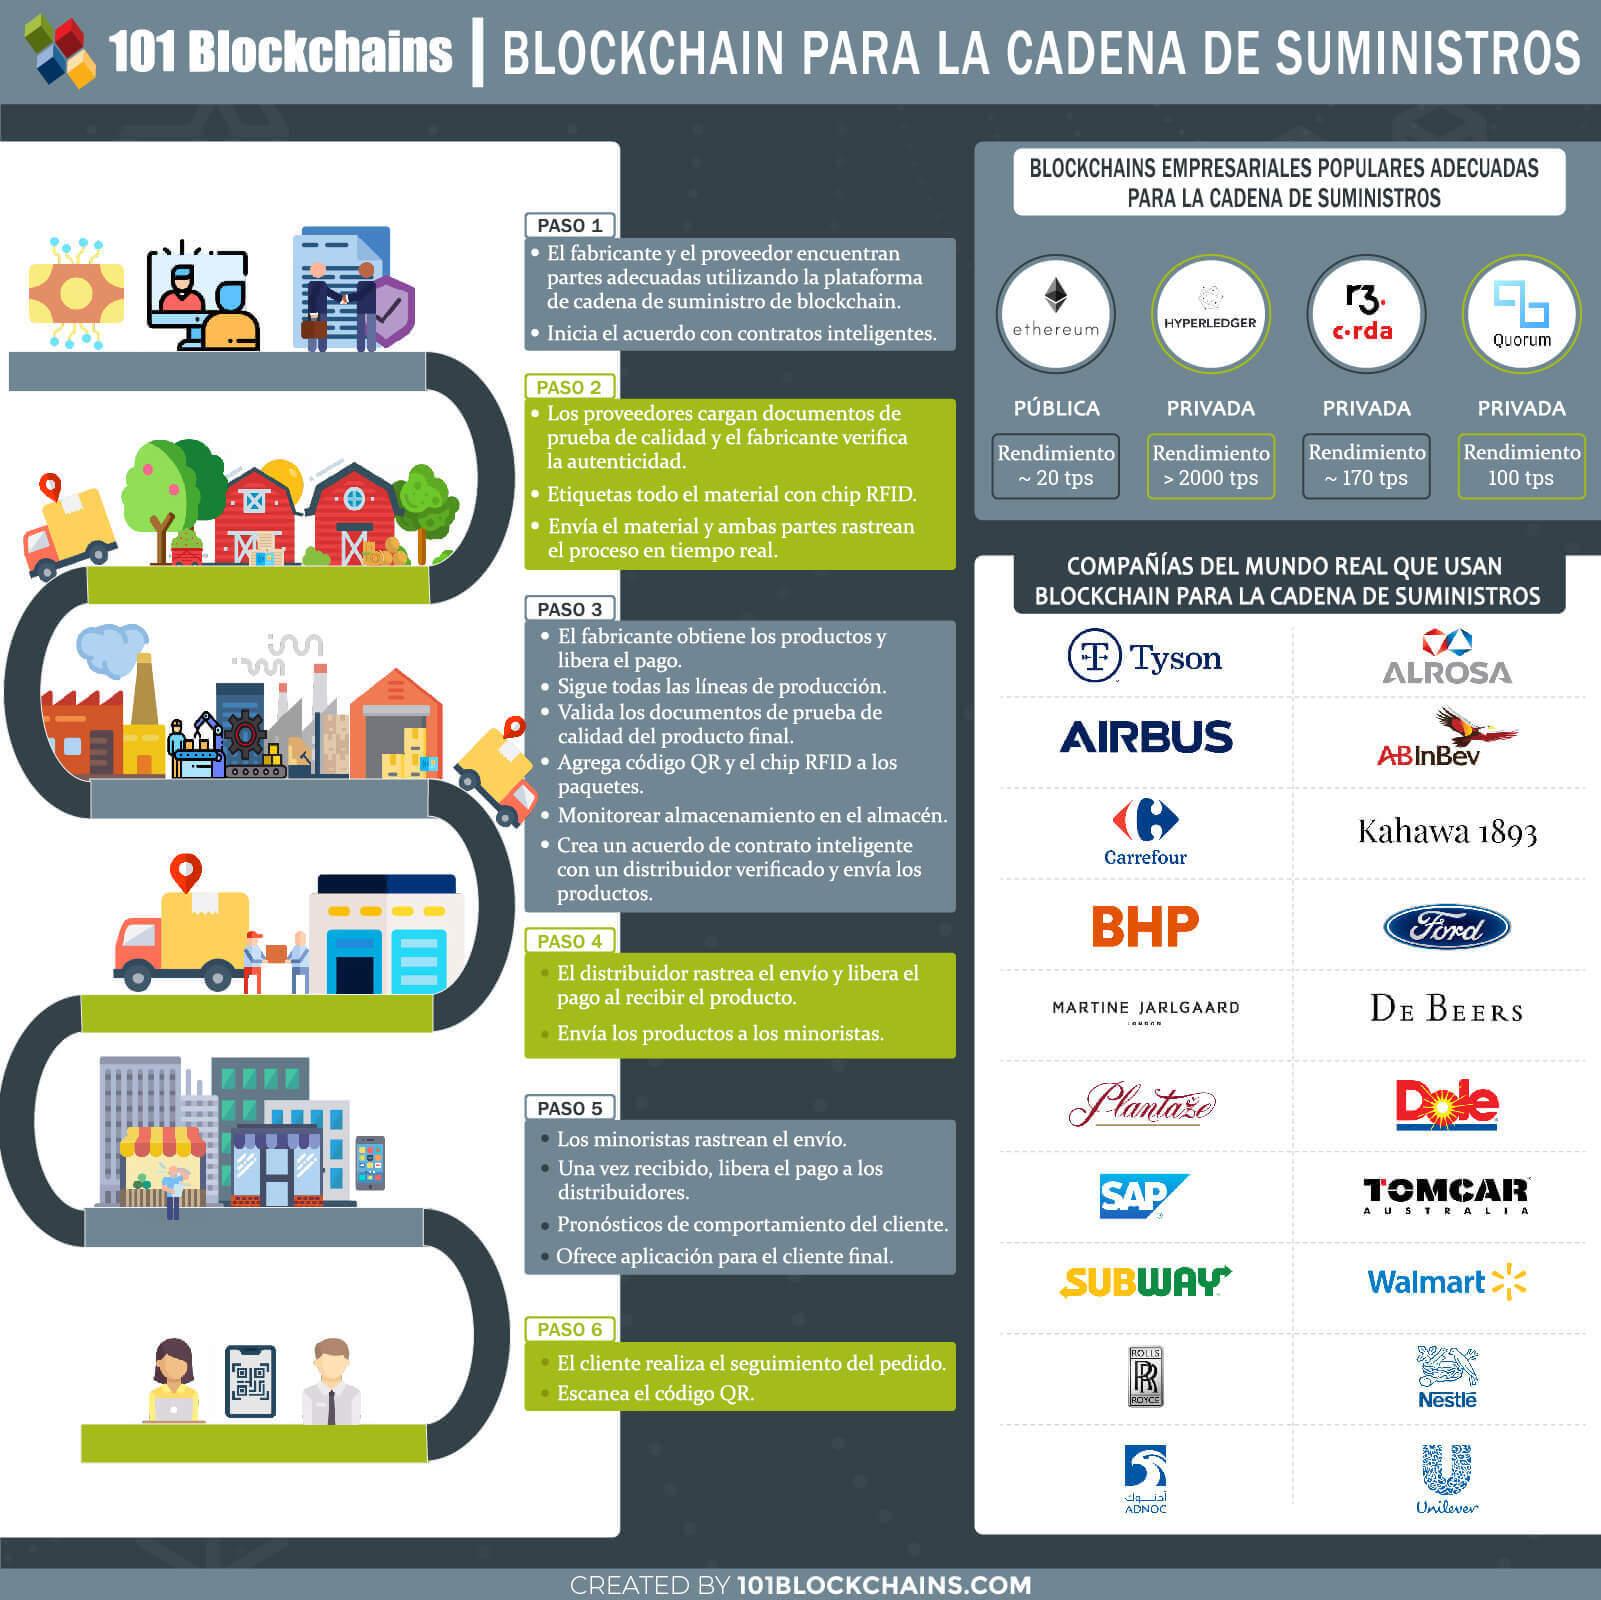 BLOCKCHAIN PARA LA CADENA DE SUMINISTROS